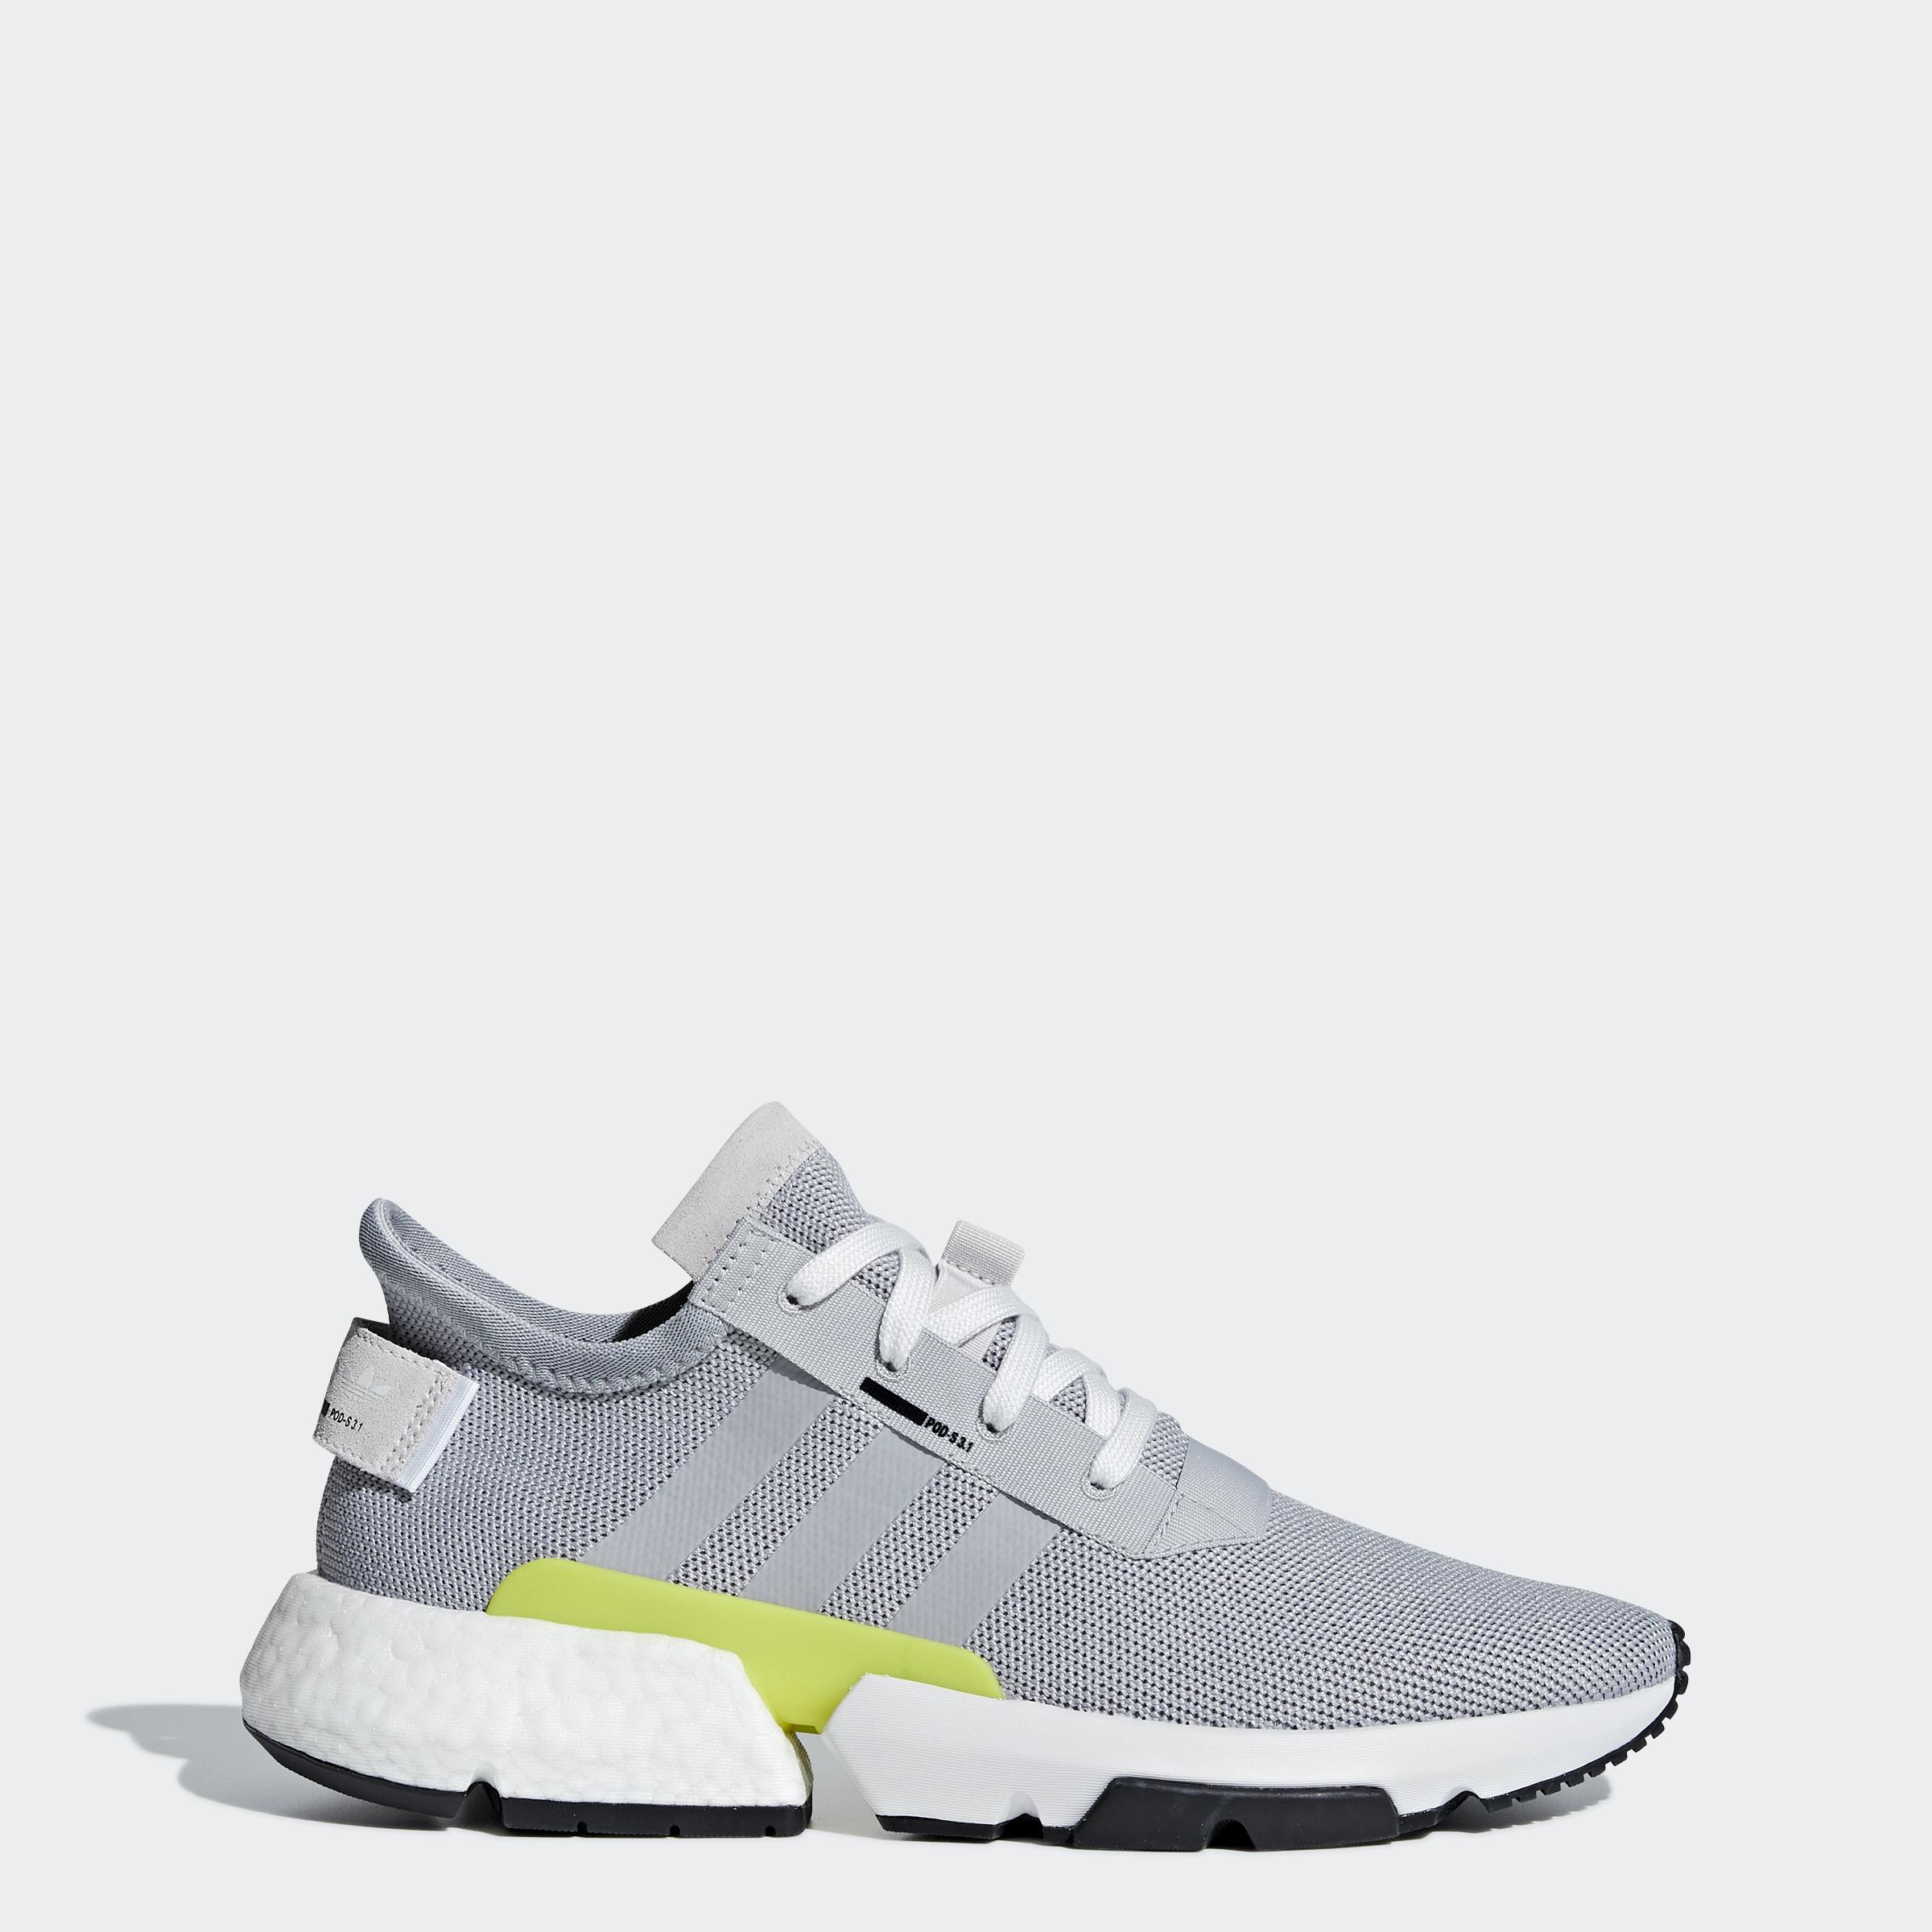 adidas-Originals-POD-S3-1-Shoes-Men-039-s thumbnail 10